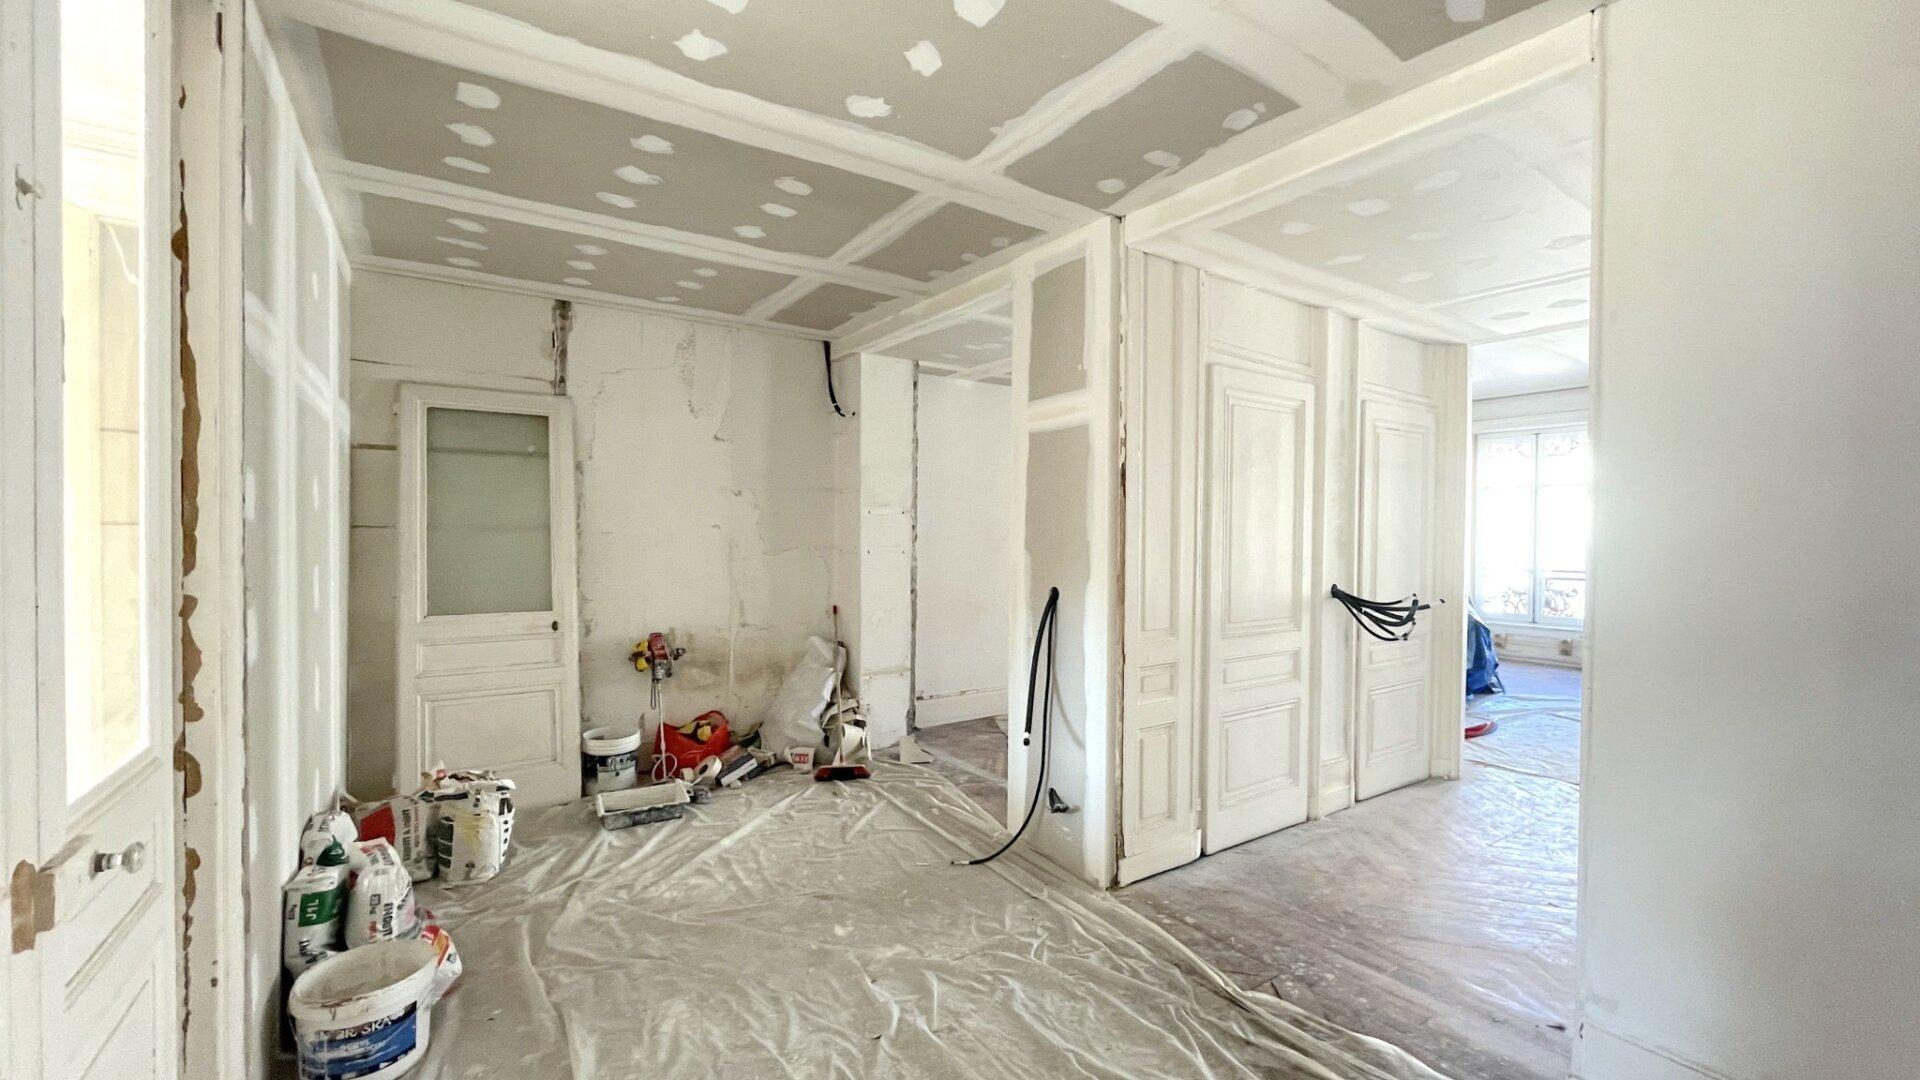 craiecraie-architecture-projet-plat-lyon2-travaux